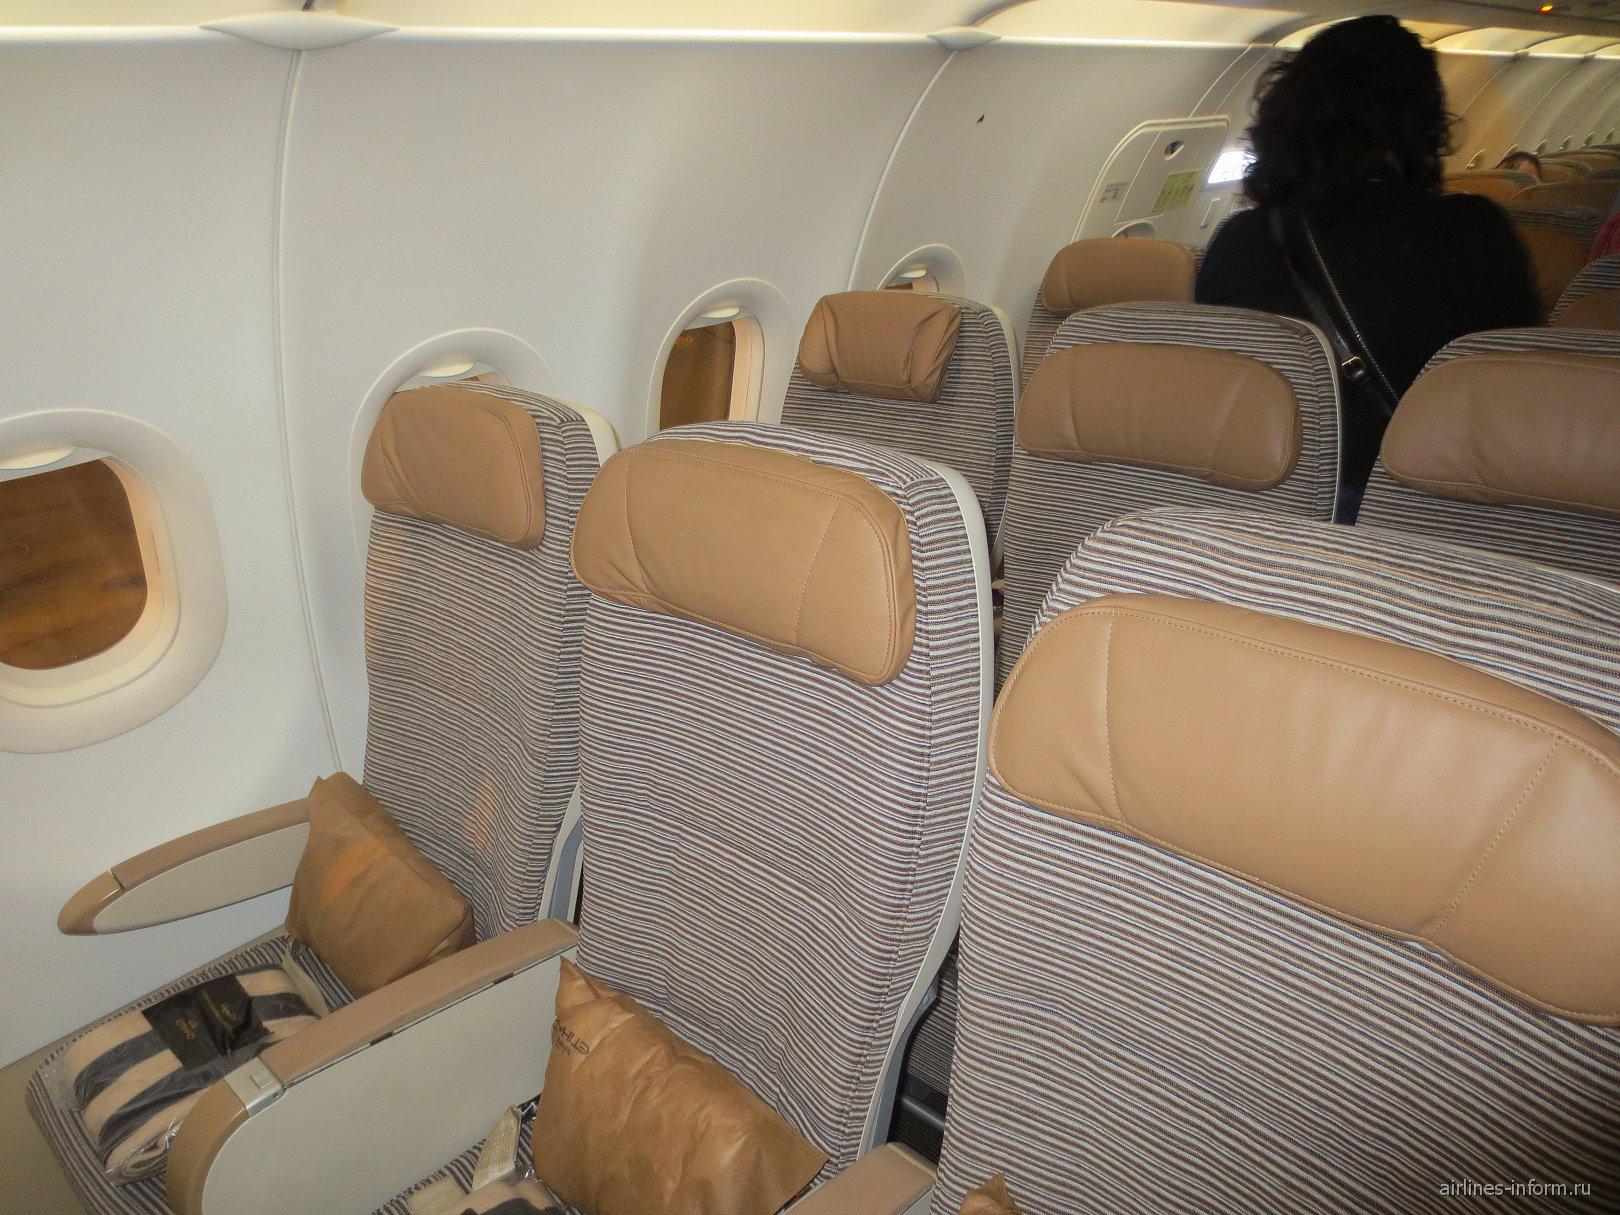 Пассажирские кресла в самолете Airbus A320 авиакомпании Etihad Airways